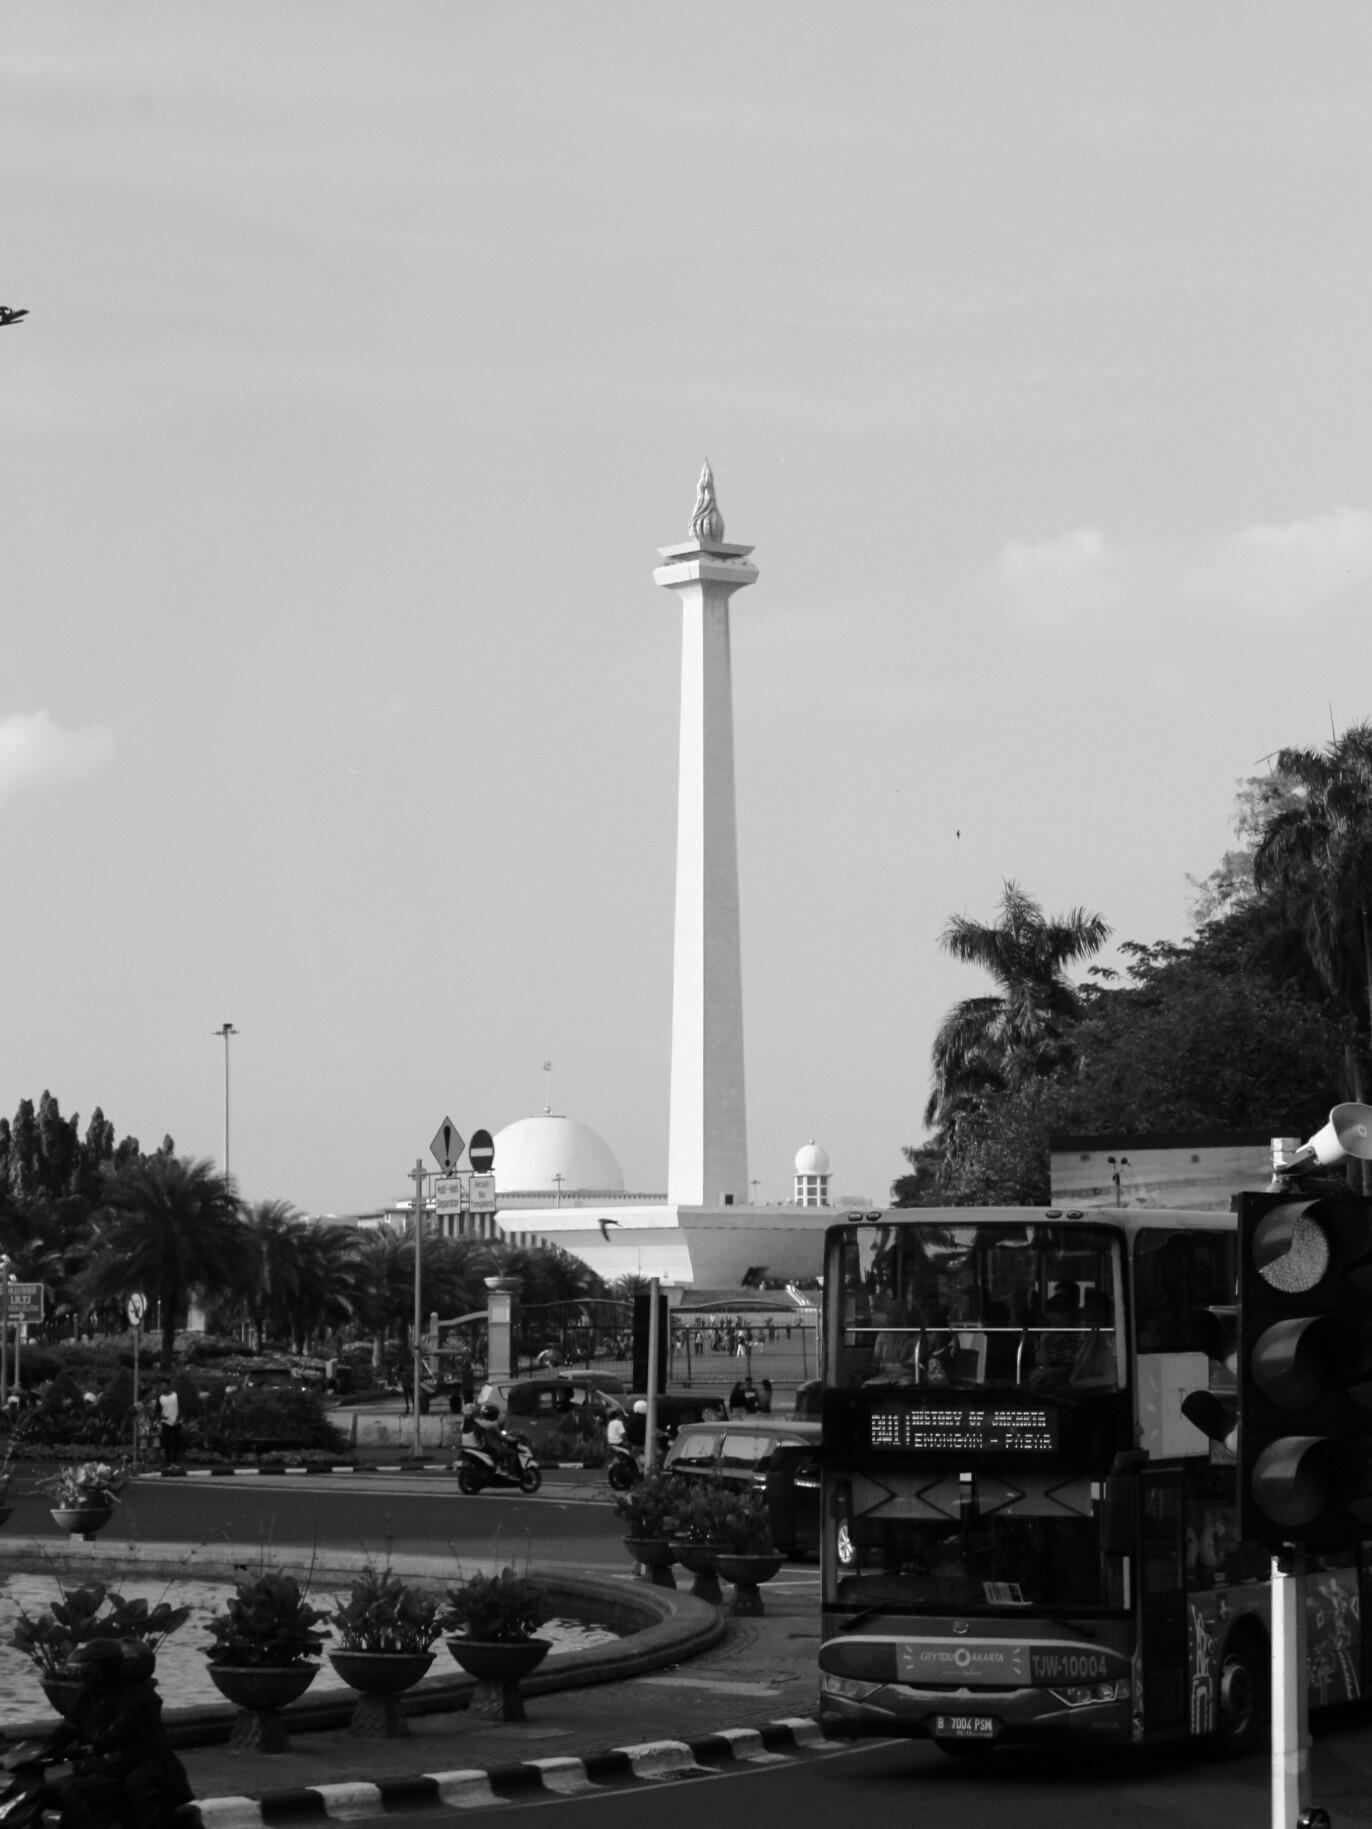 Monumen Nasional by Febry Rangga Saputra